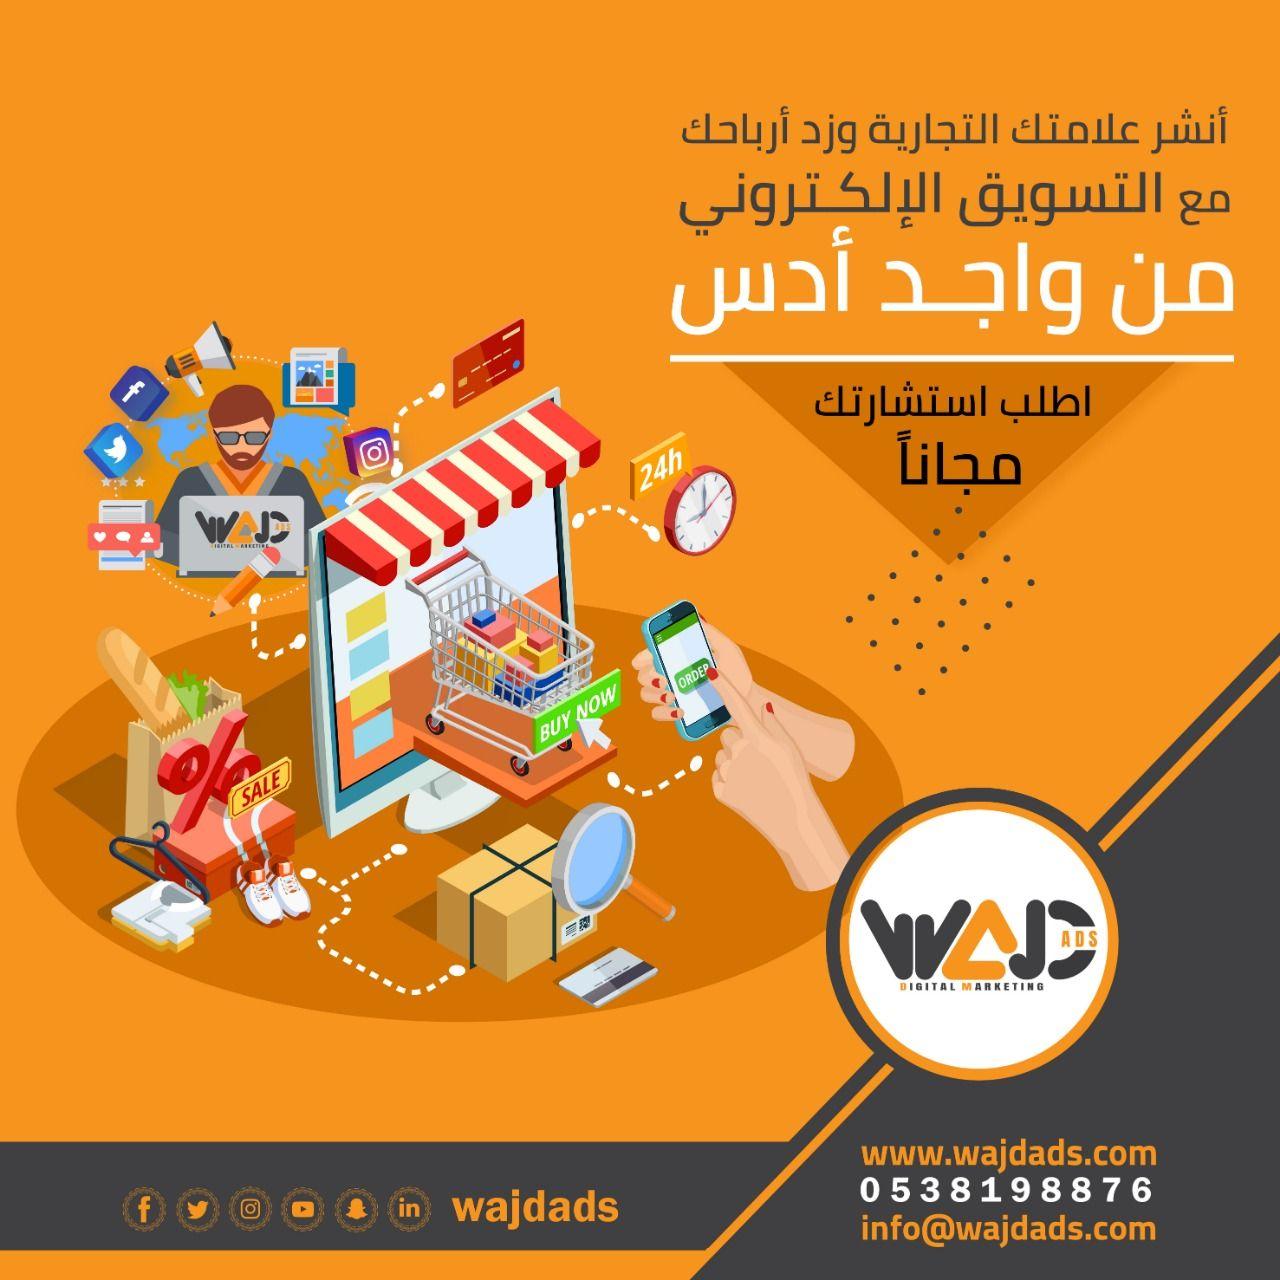 تسويق علامتك التجارية Social Media Marketing Services Social Media Marketing Marketing Services